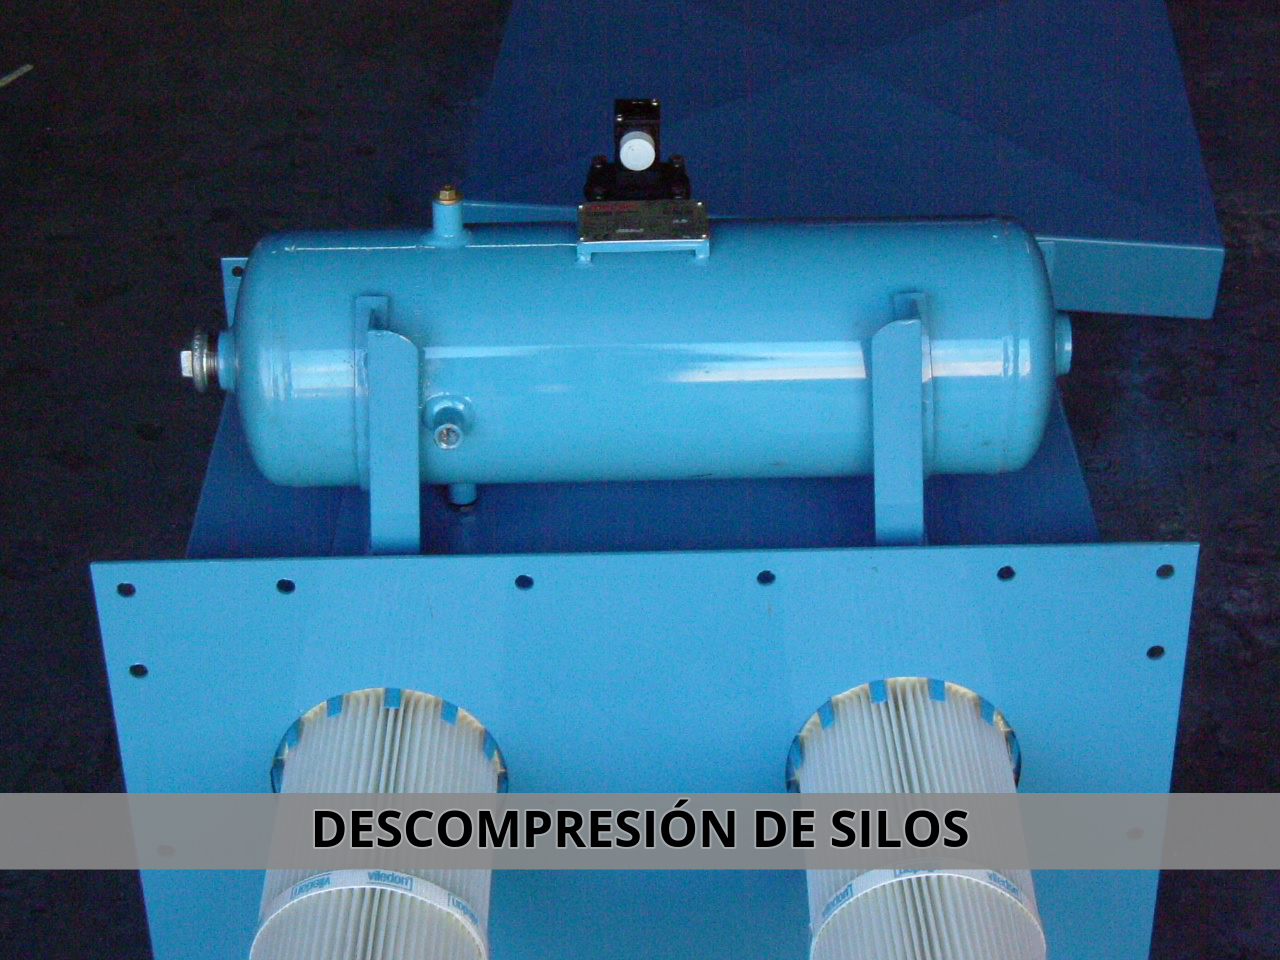 Filtros de descompresión de silos